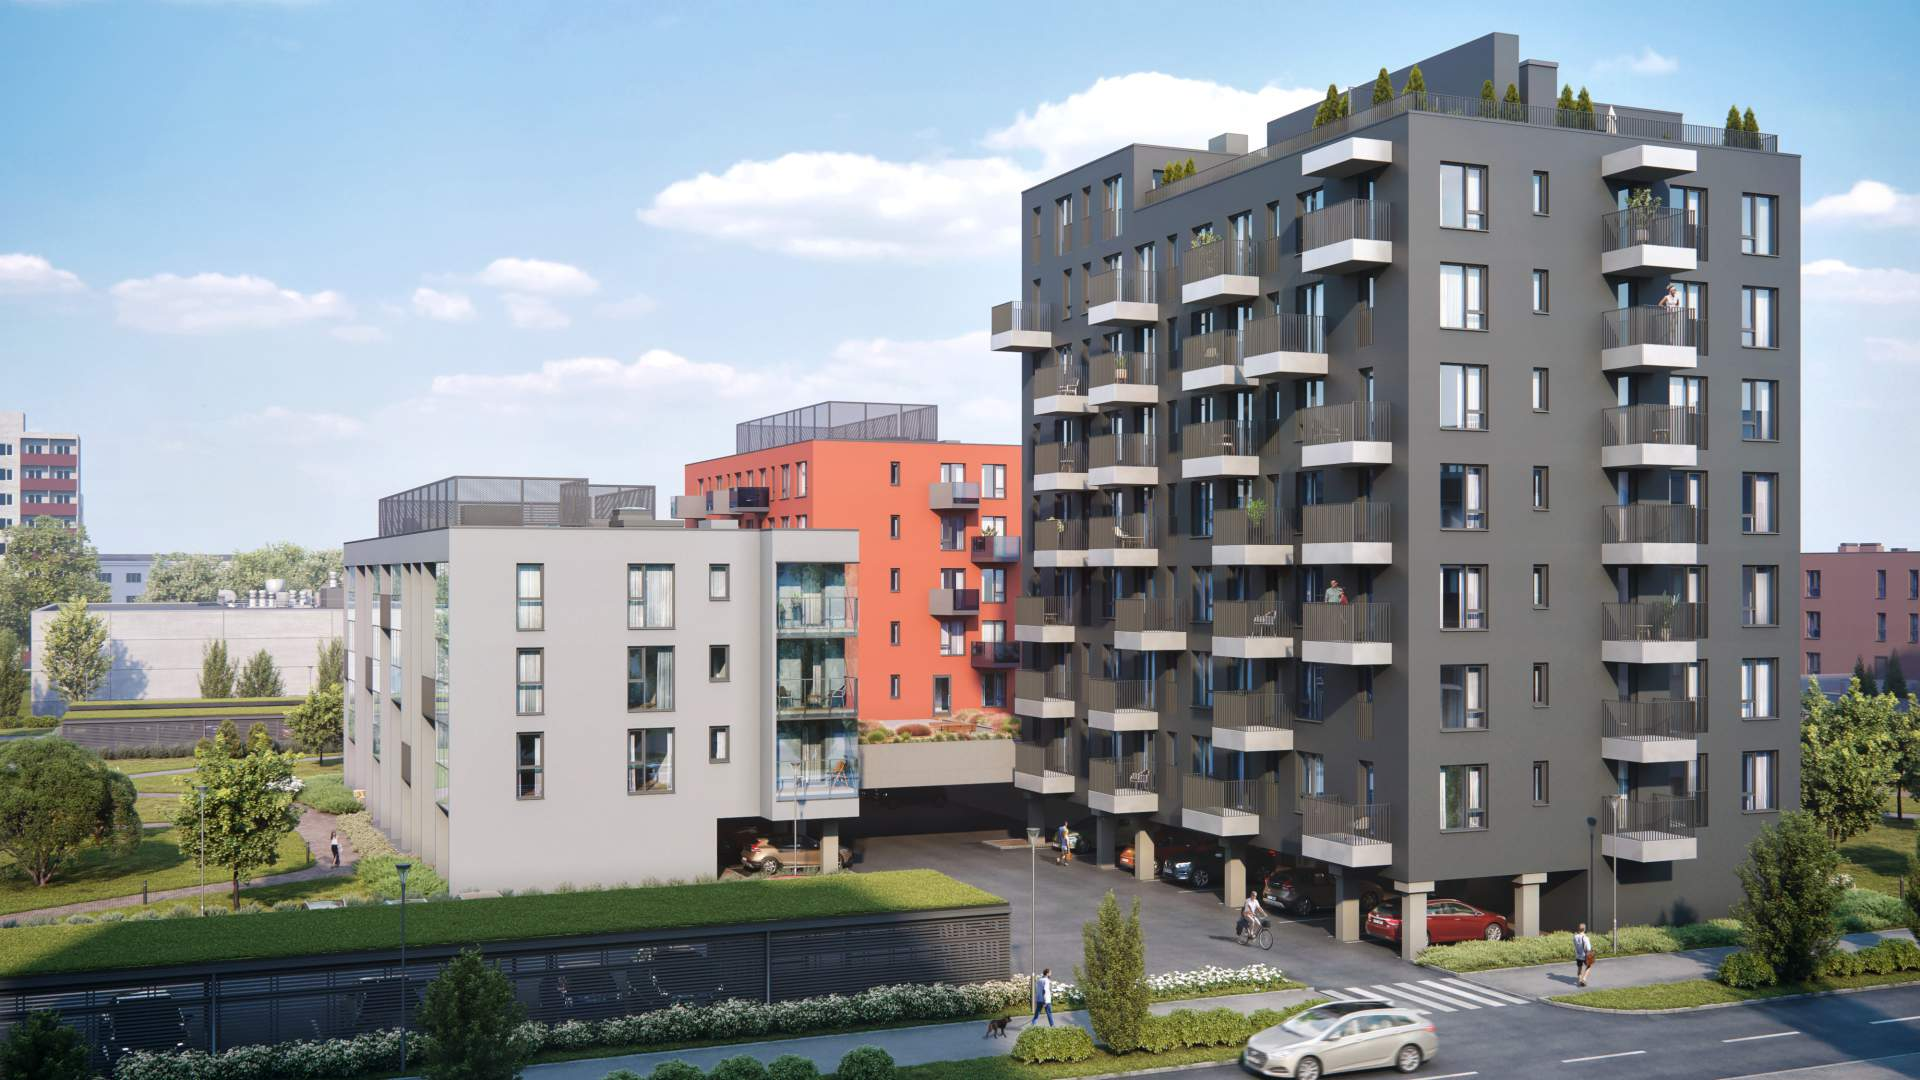 Uus-Mustamäe smart homes